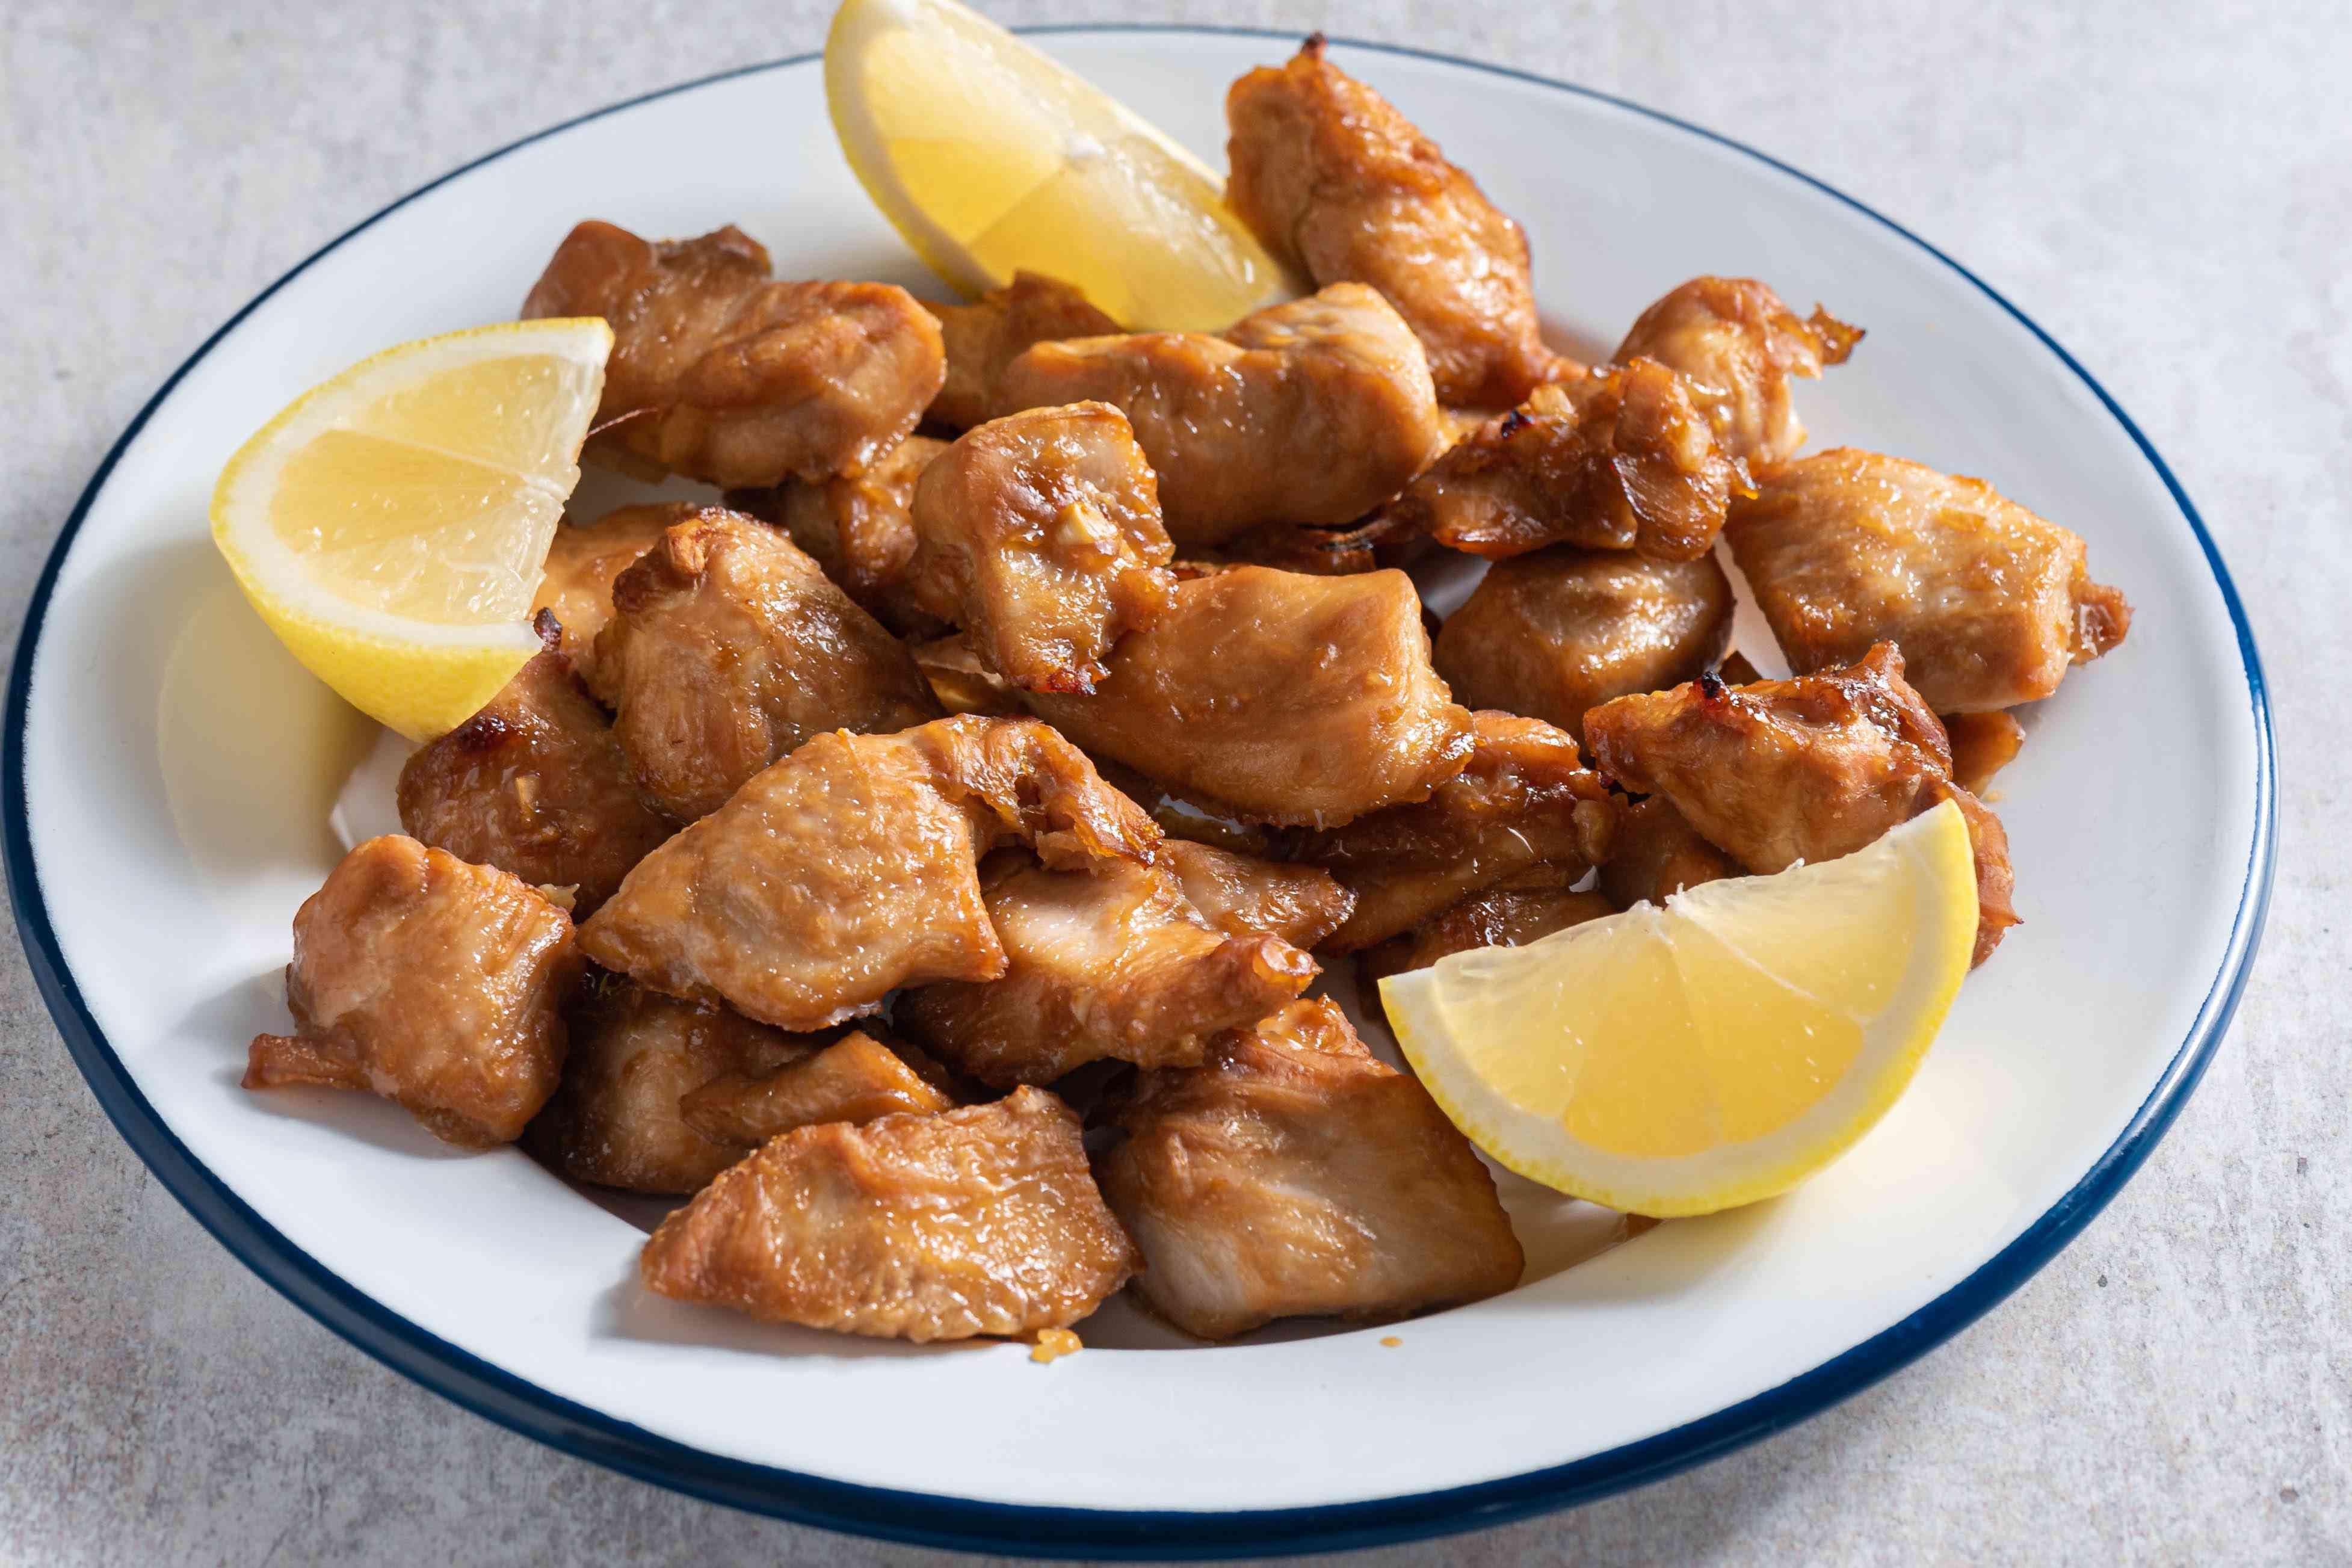 Baked Chicken Karaage, lemon wedges